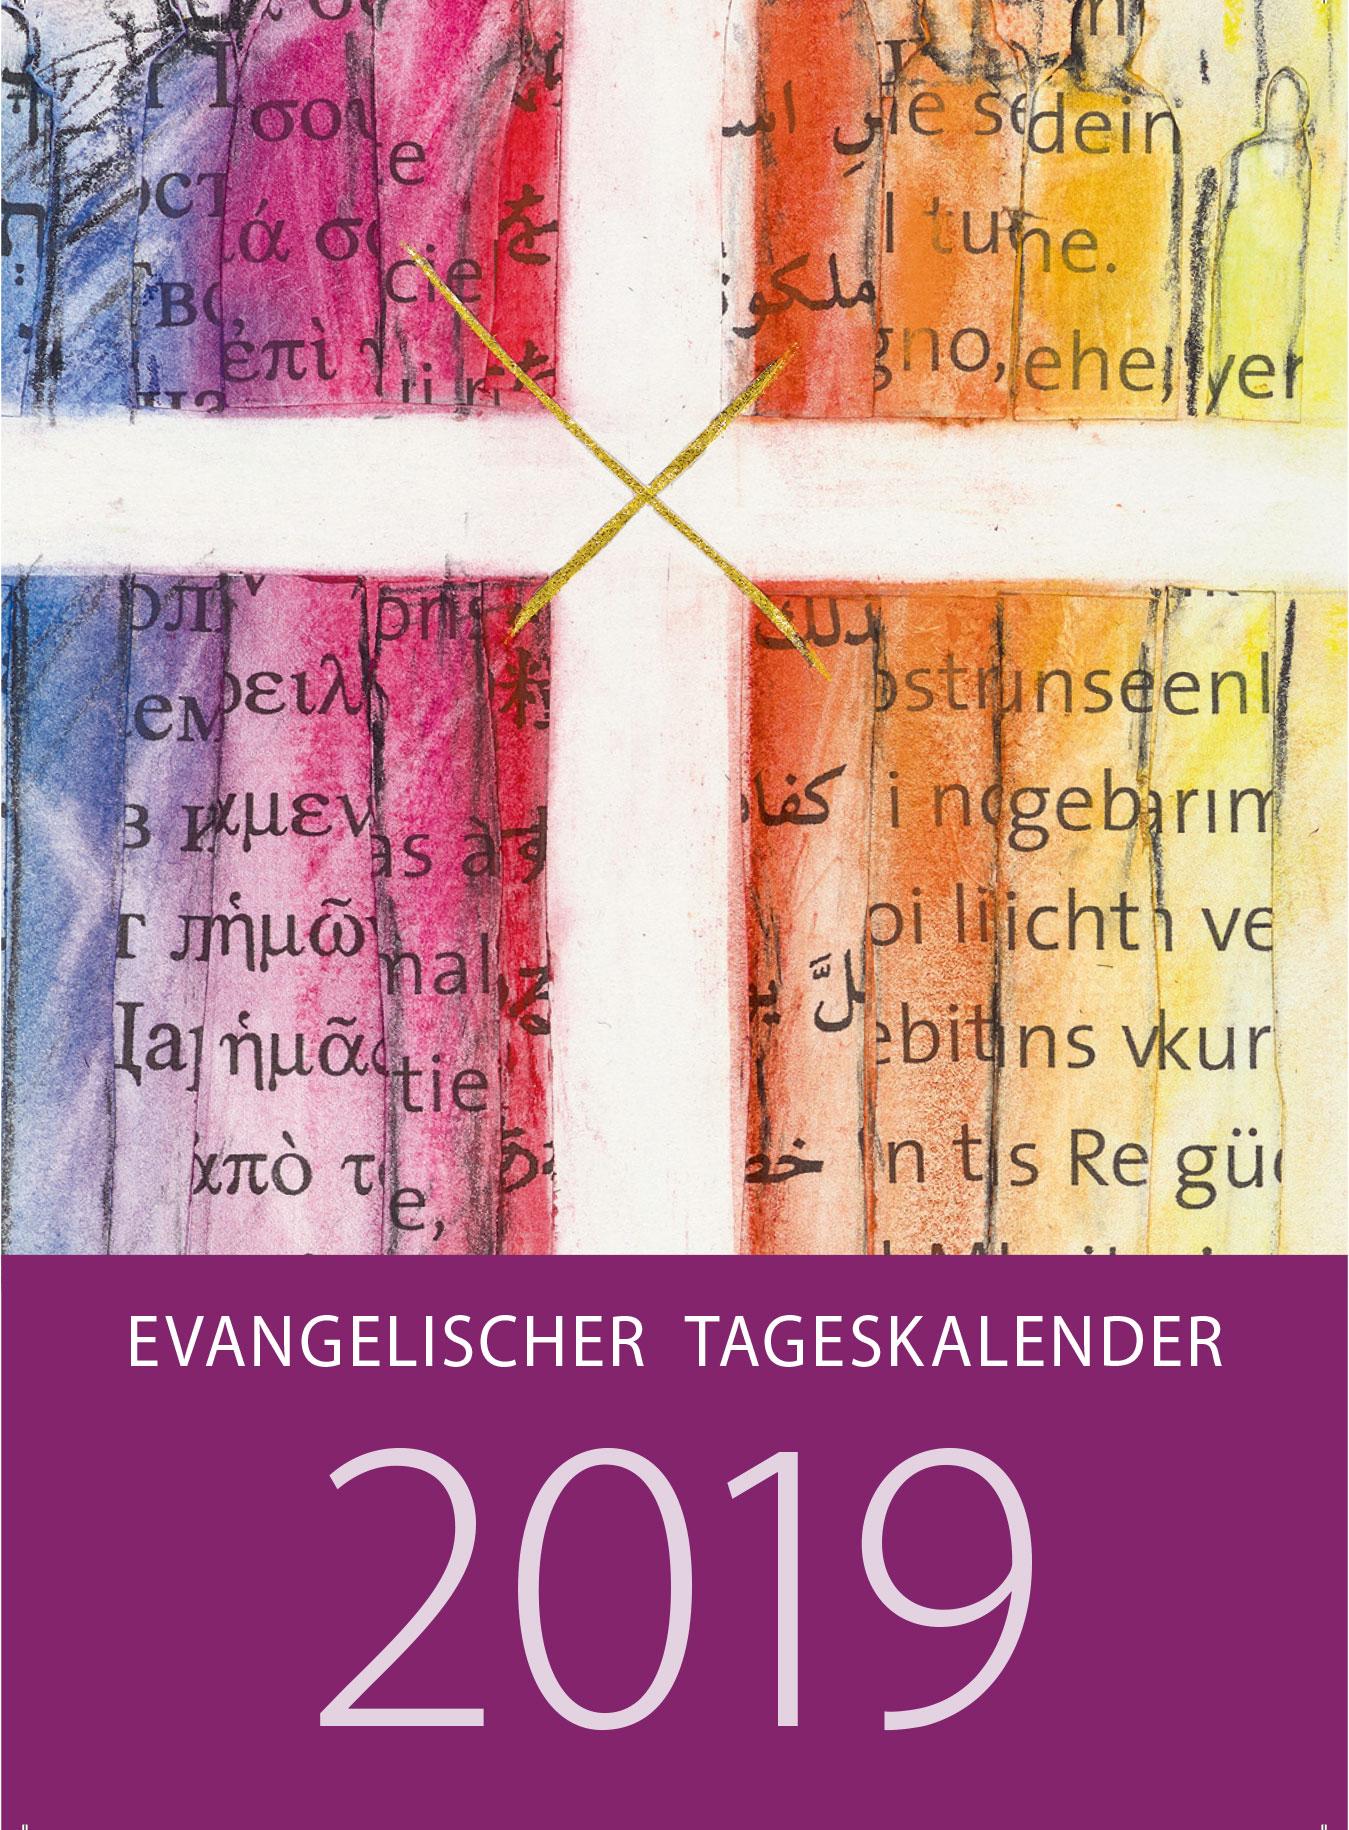 Neijenhuis Suche Frieden Und Jage Ihm Nach Evangelischer